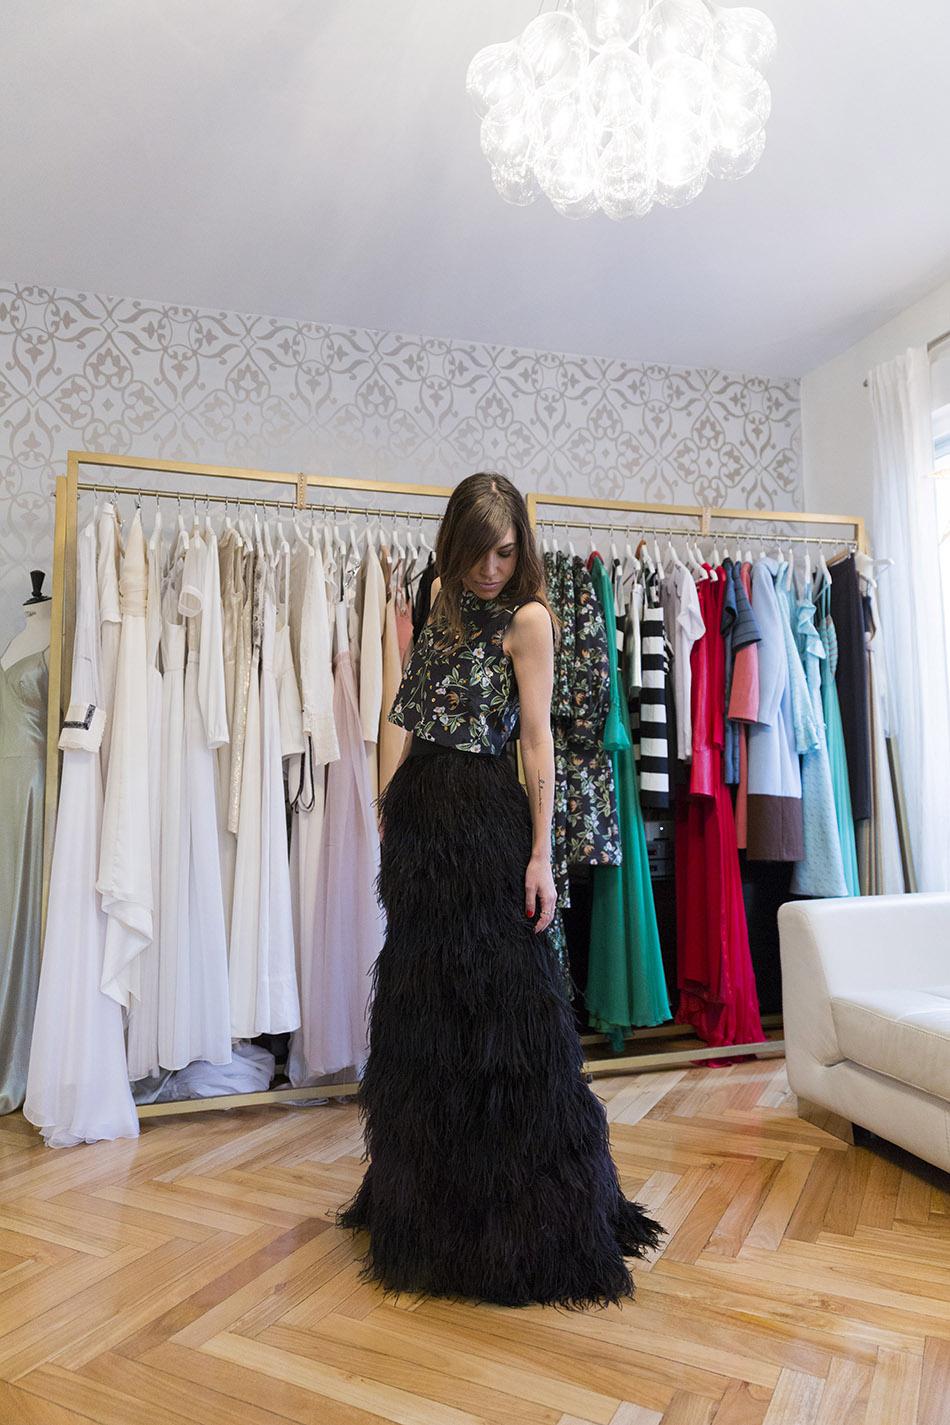 cristina piña showroom vestido los goya 2016 01